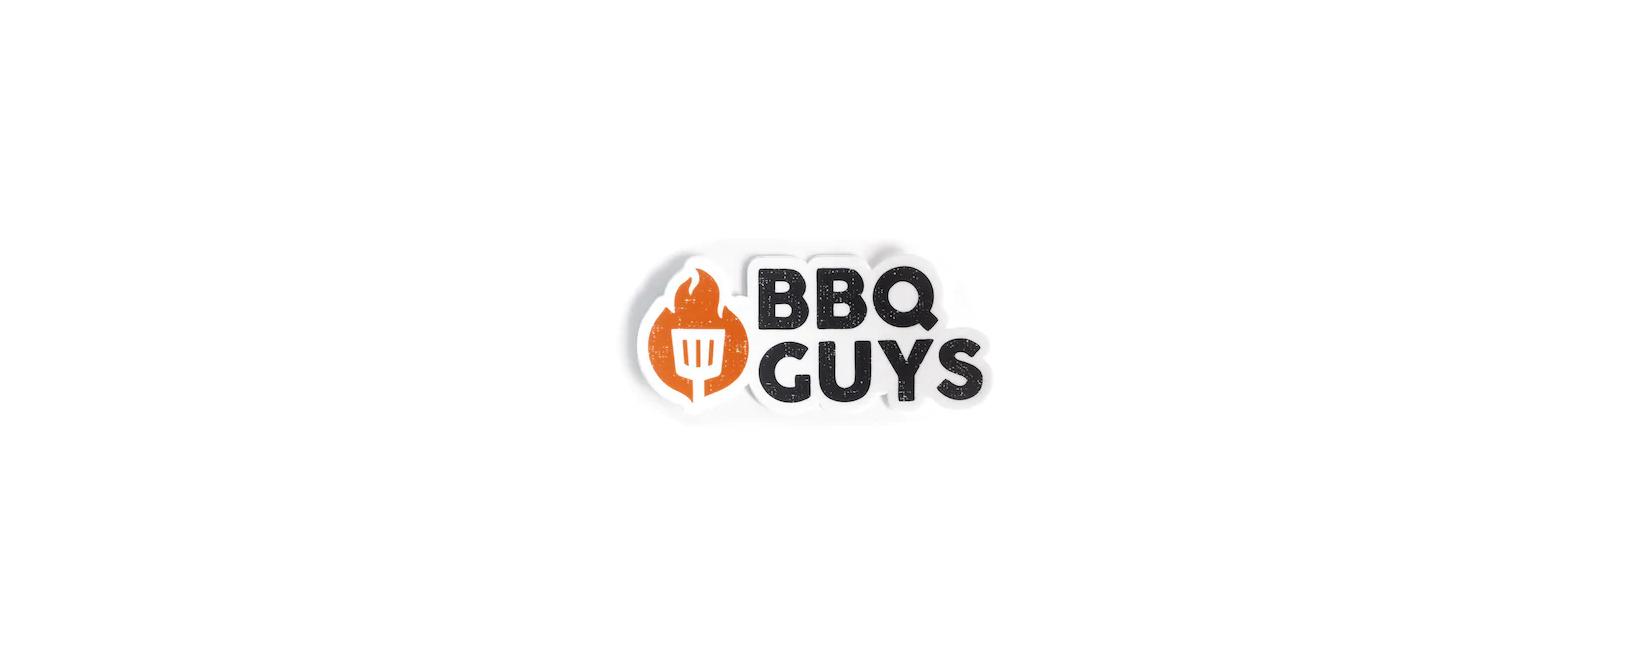 BBQ Guys Reviews 2021